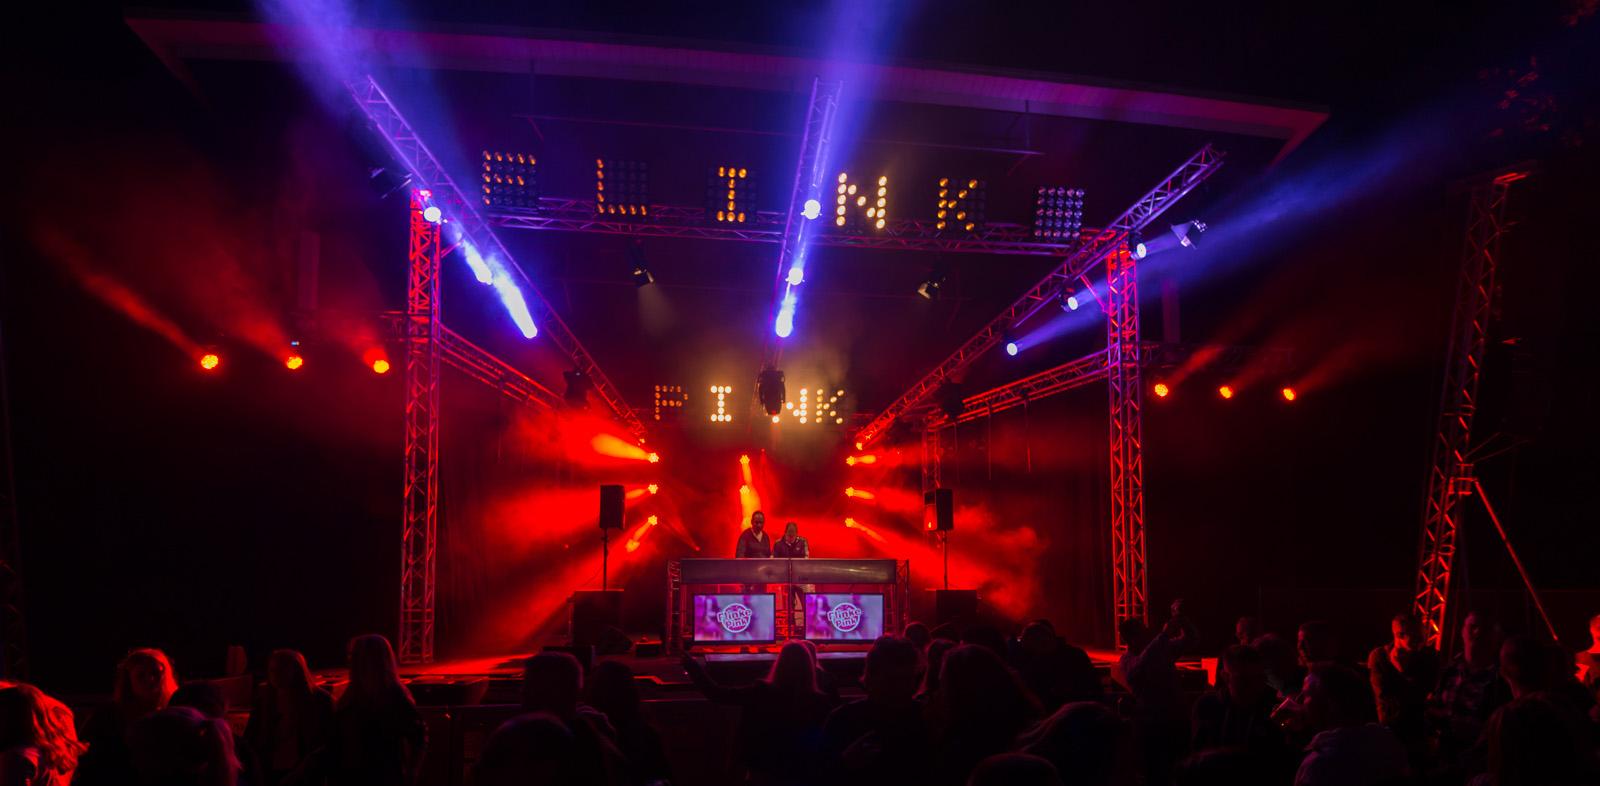 SoundLink verhuur van professionele licht geluid beeld en rigging materialen.